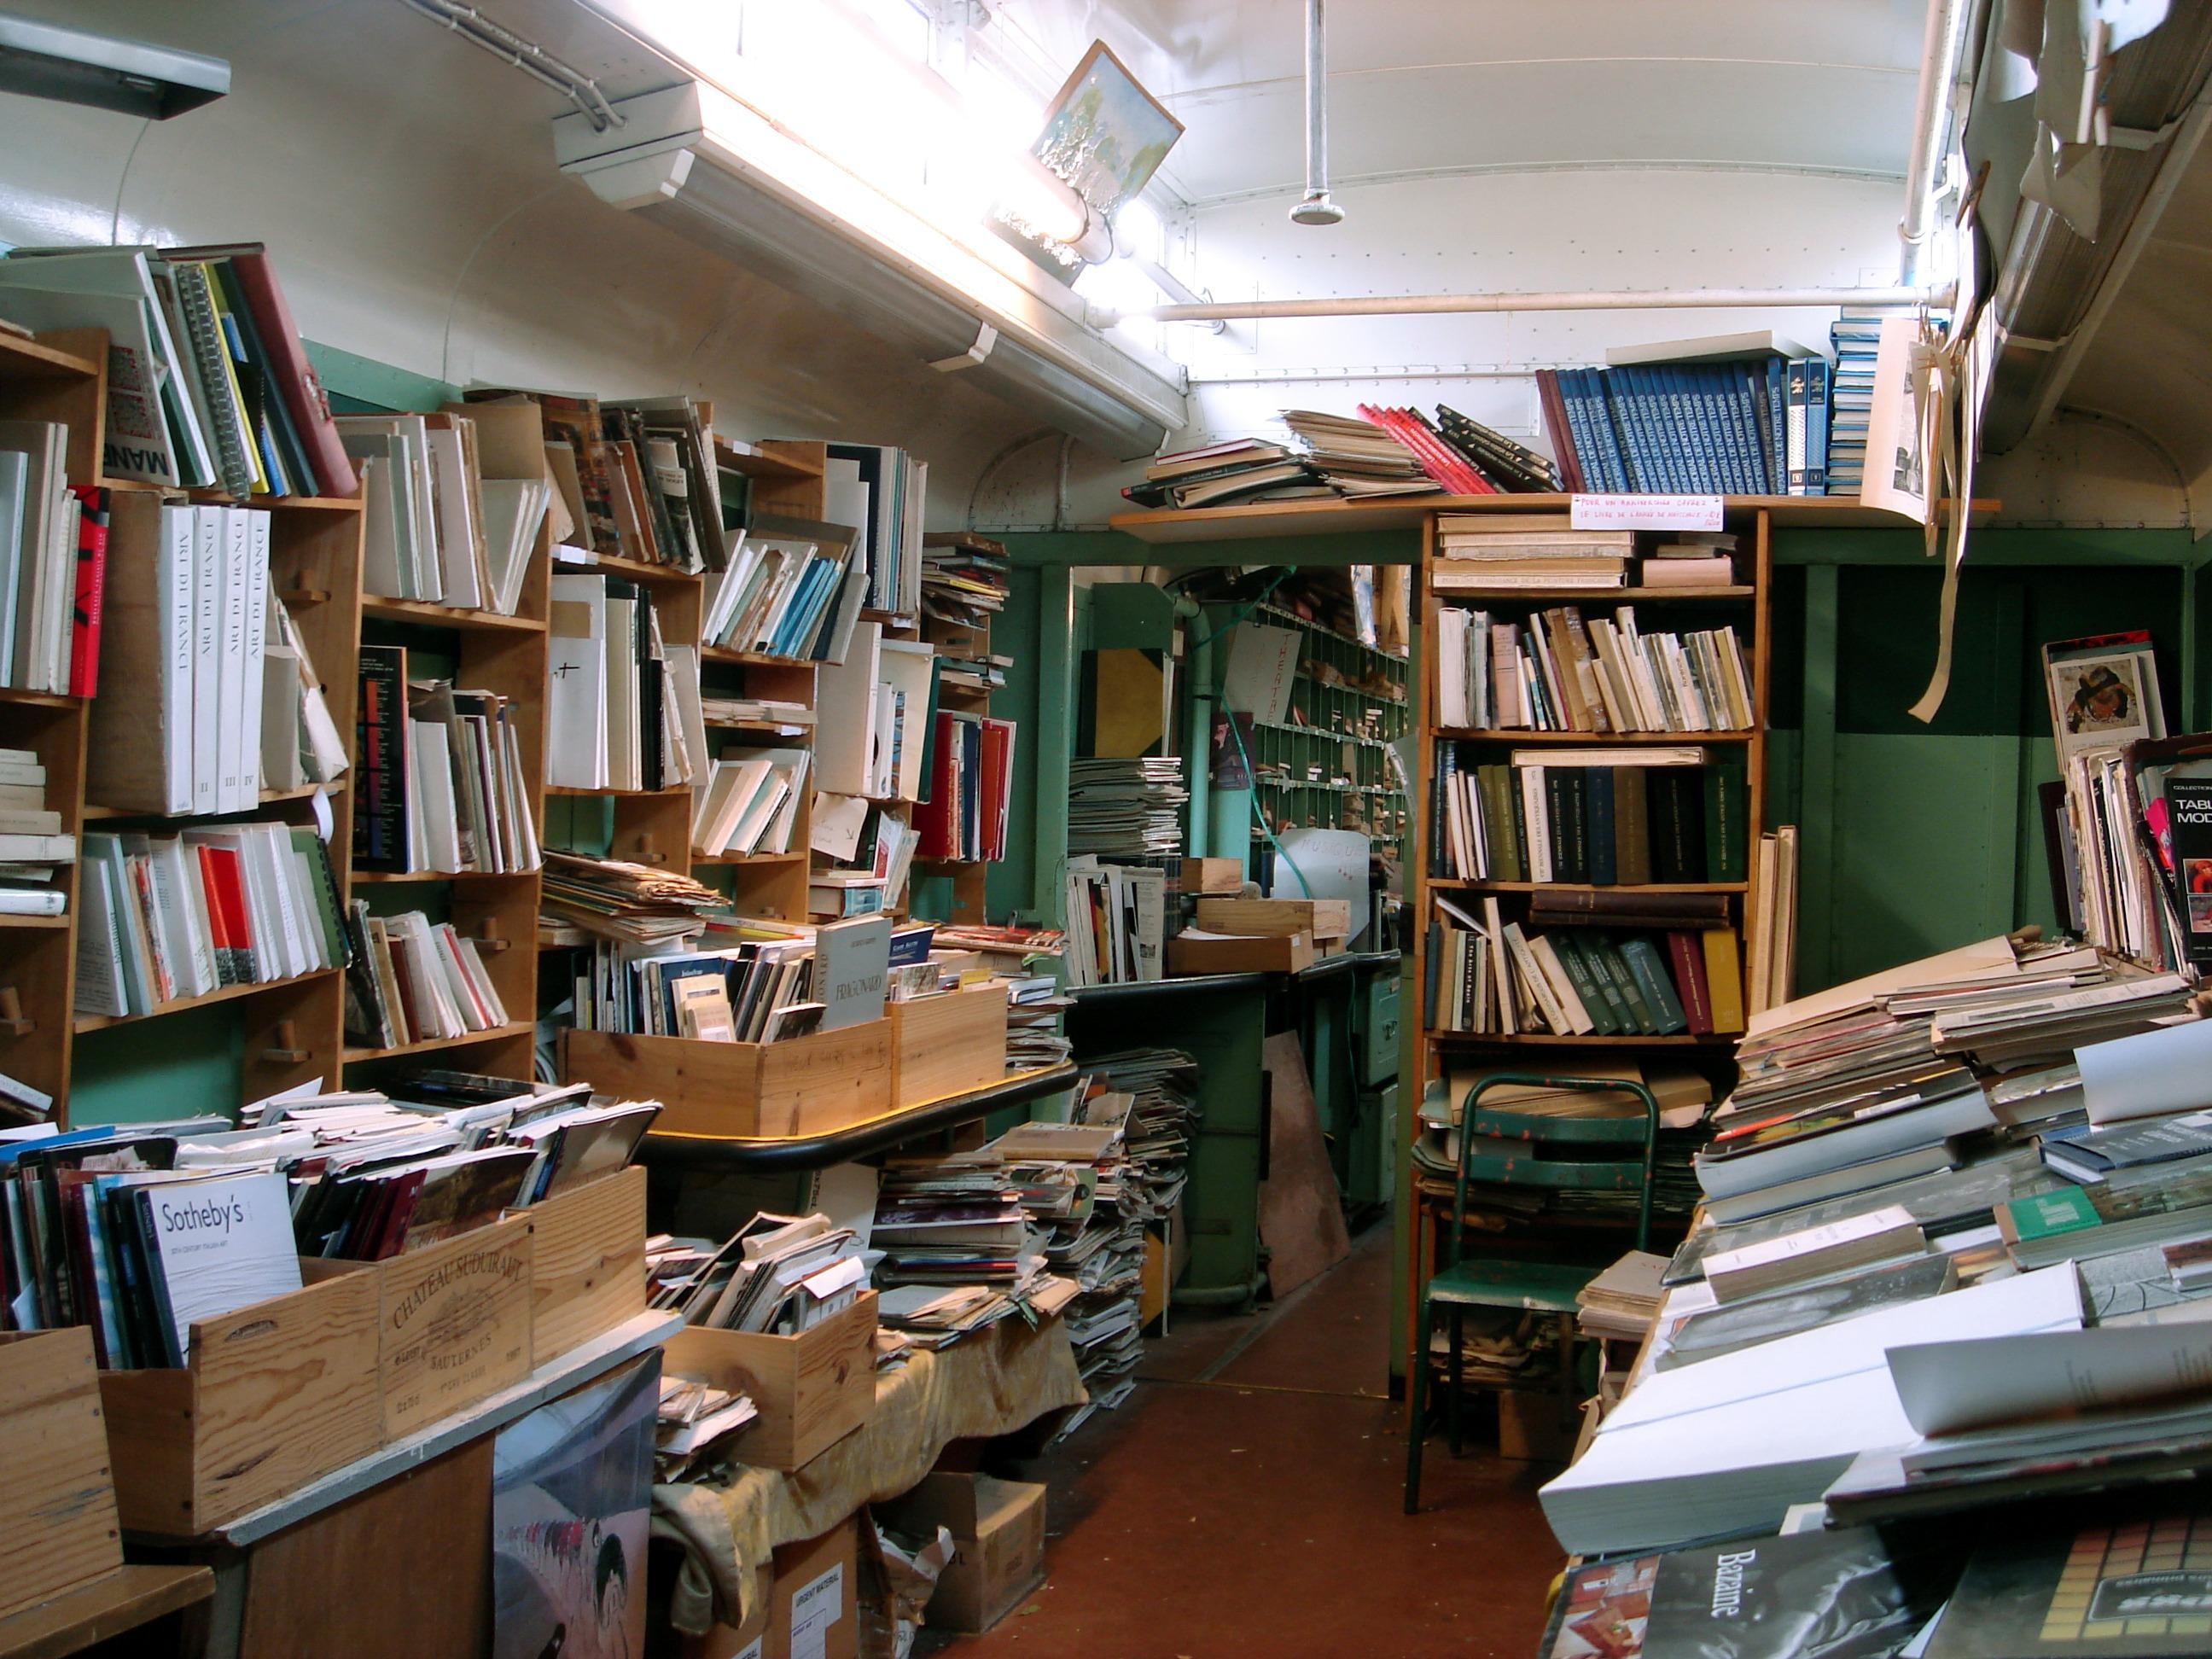 La Grotta di libri, Auvers-sur-Oise, Francia